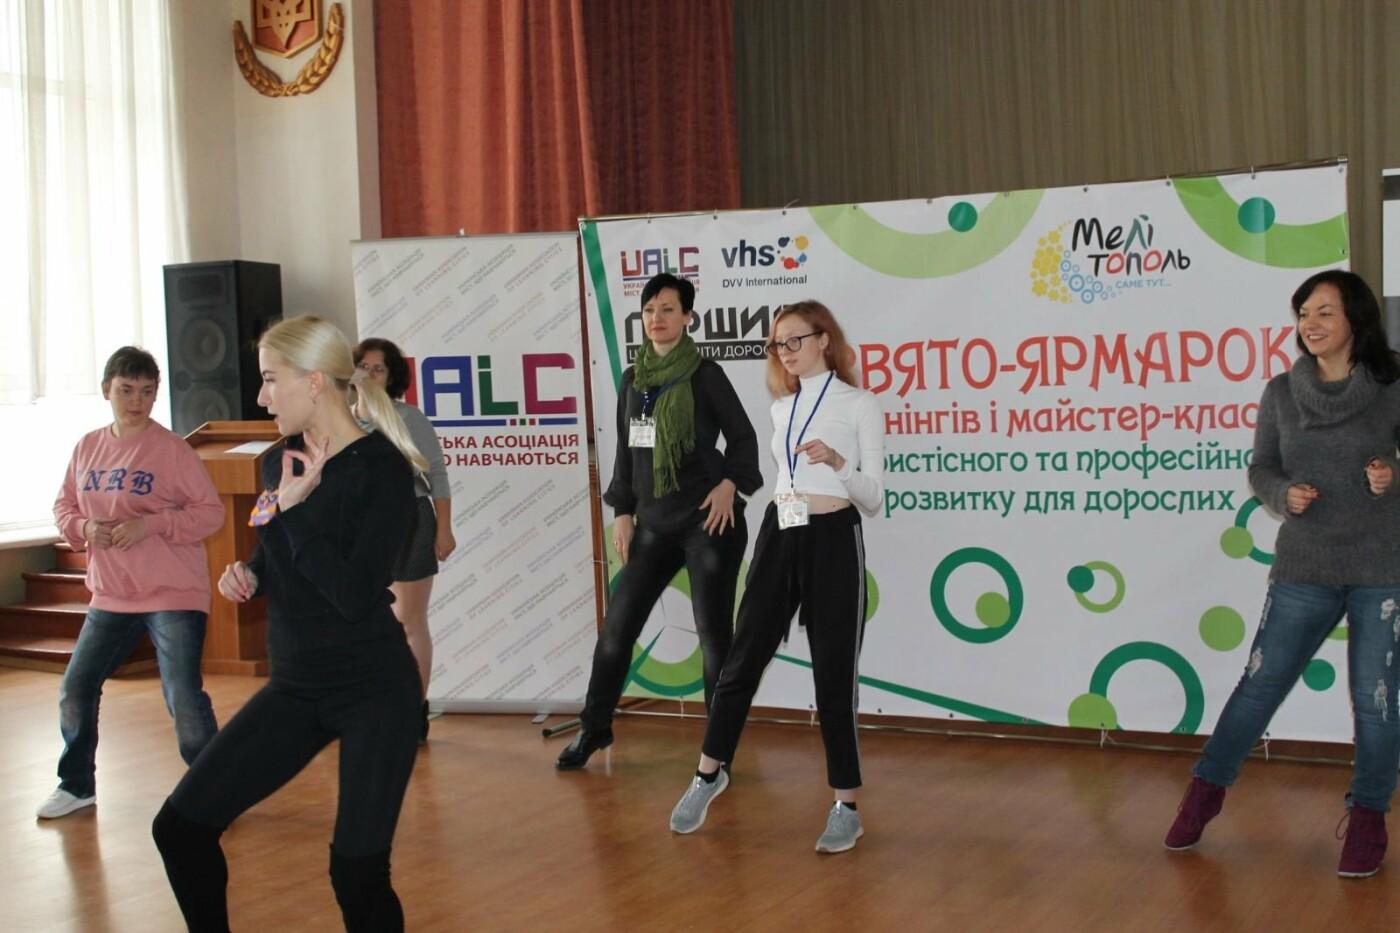 В Мелитополе состоялся праздник-ярмарка тренингов и мастер-классов, фото-4